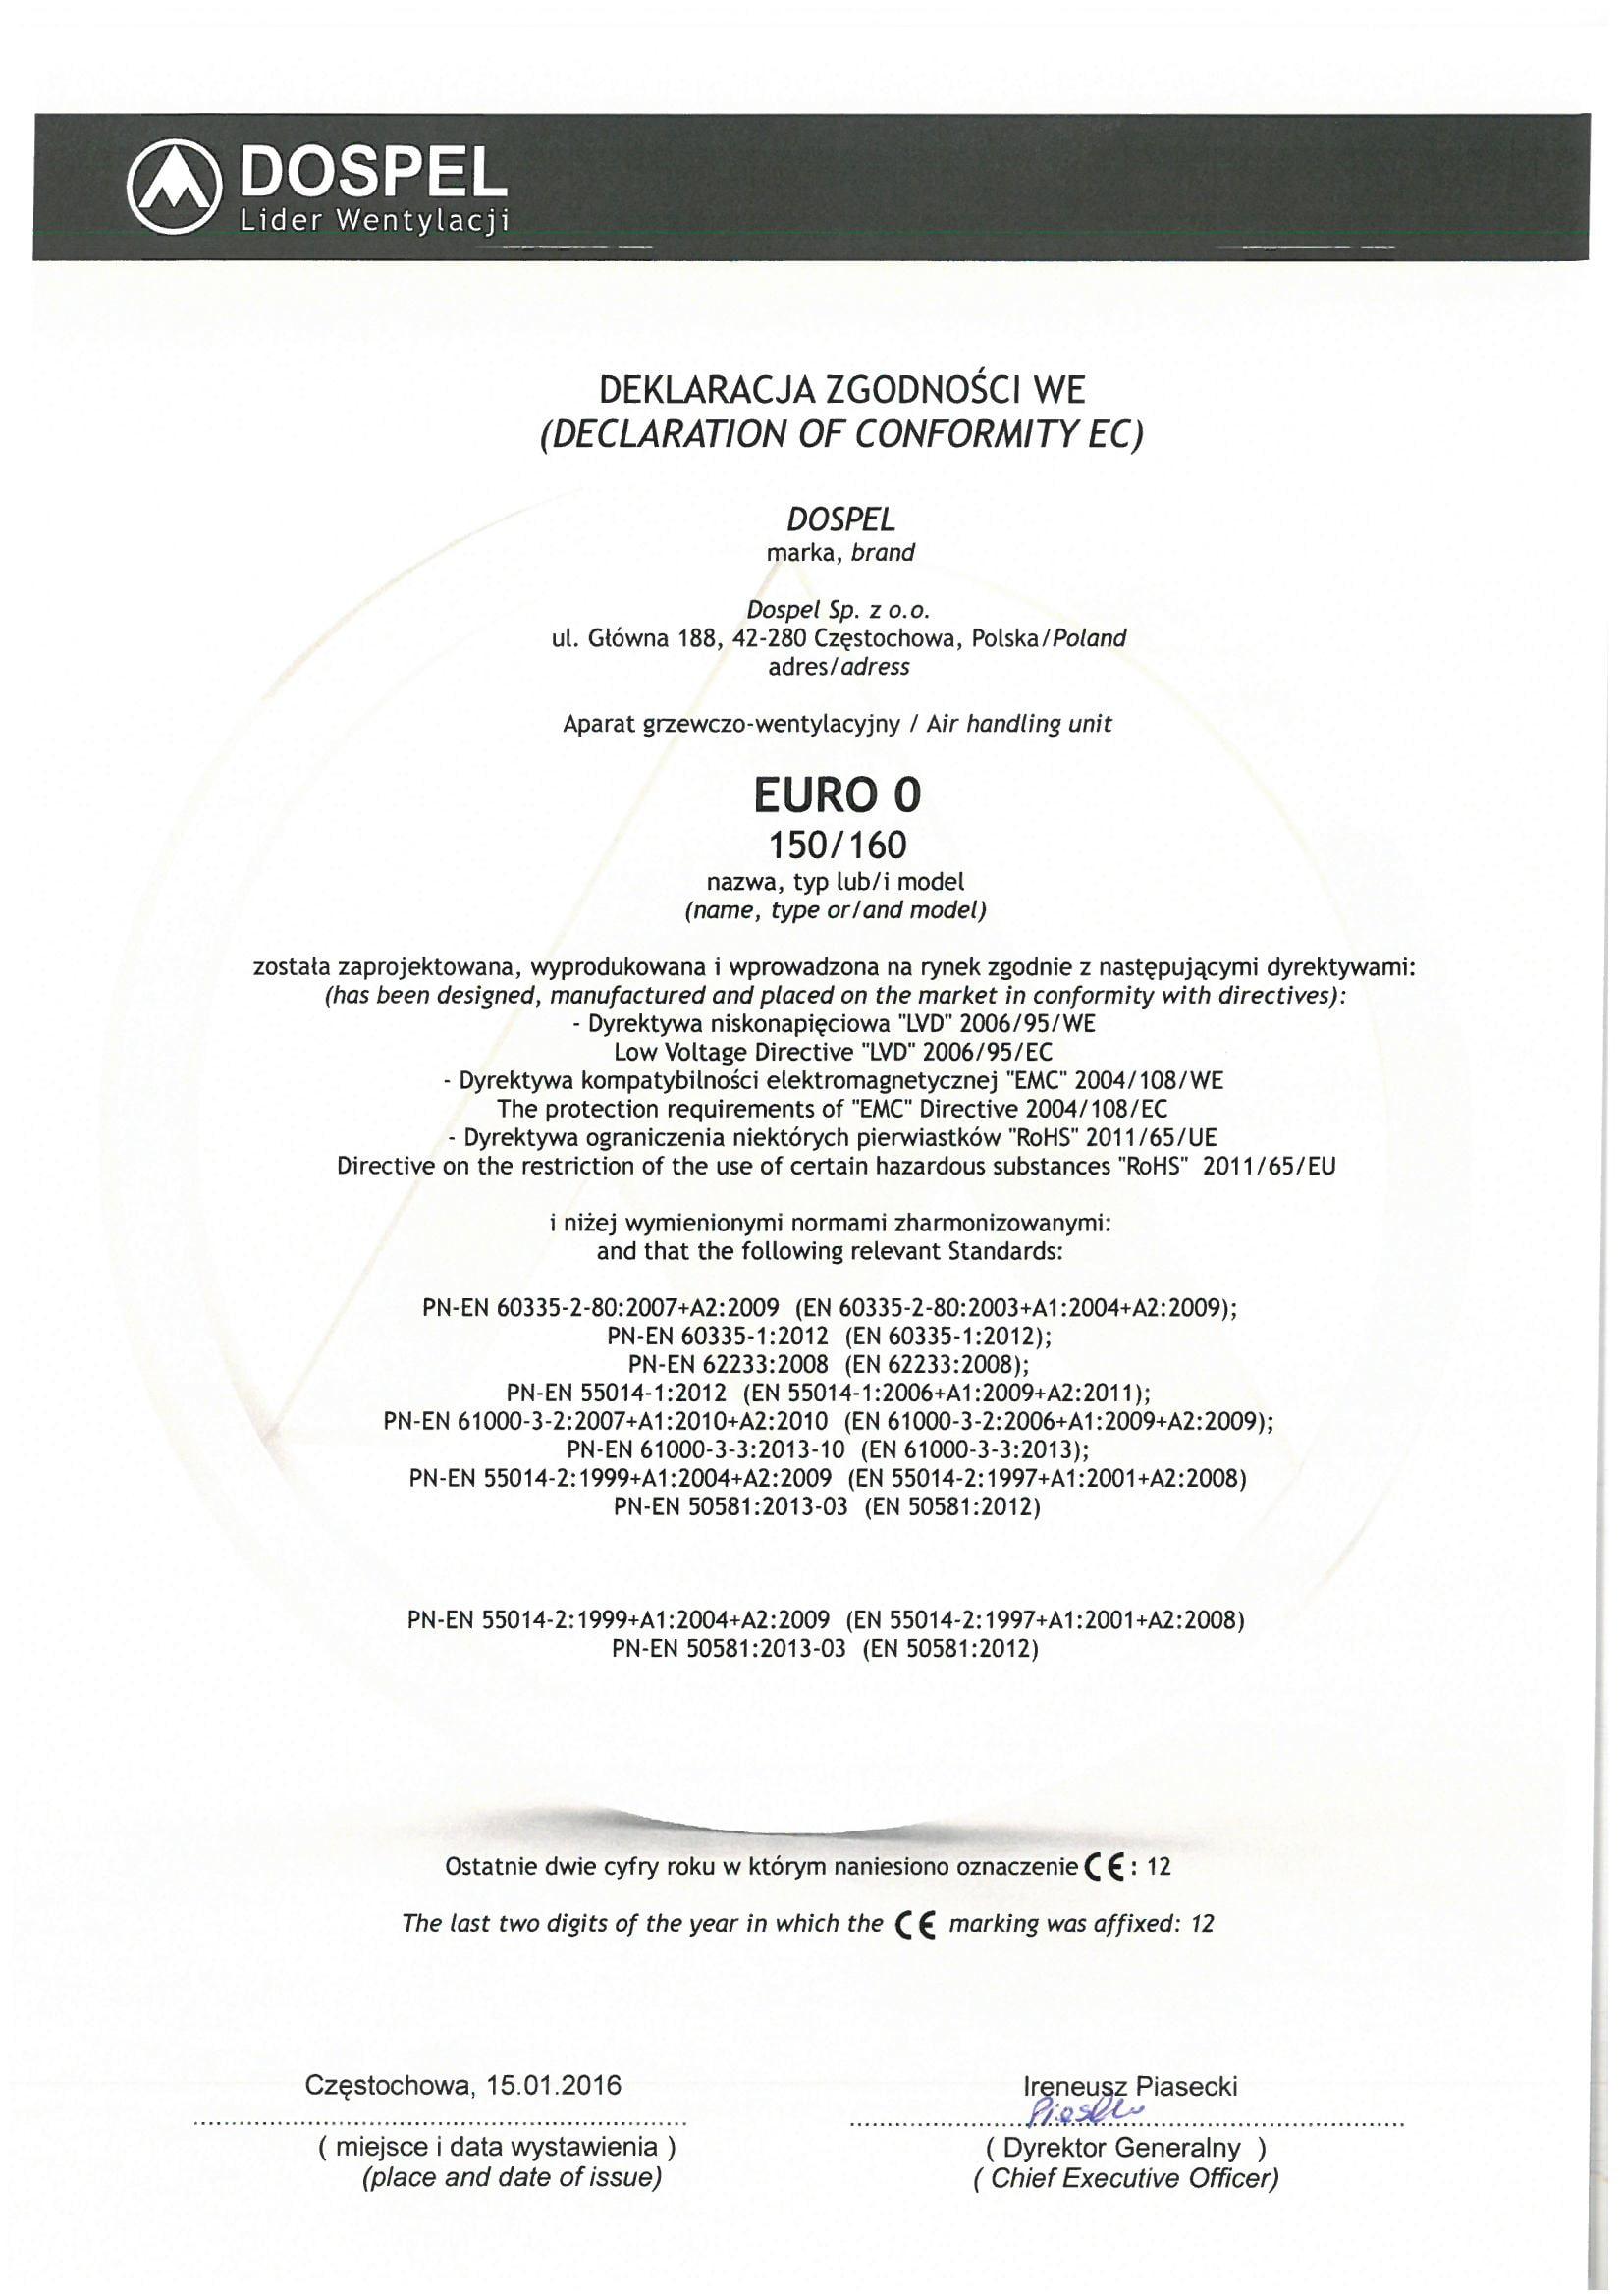 Wentylator domowy, EURO 0, certyfikat, deklaracja zgodności, producent wentylatorów, Dospel